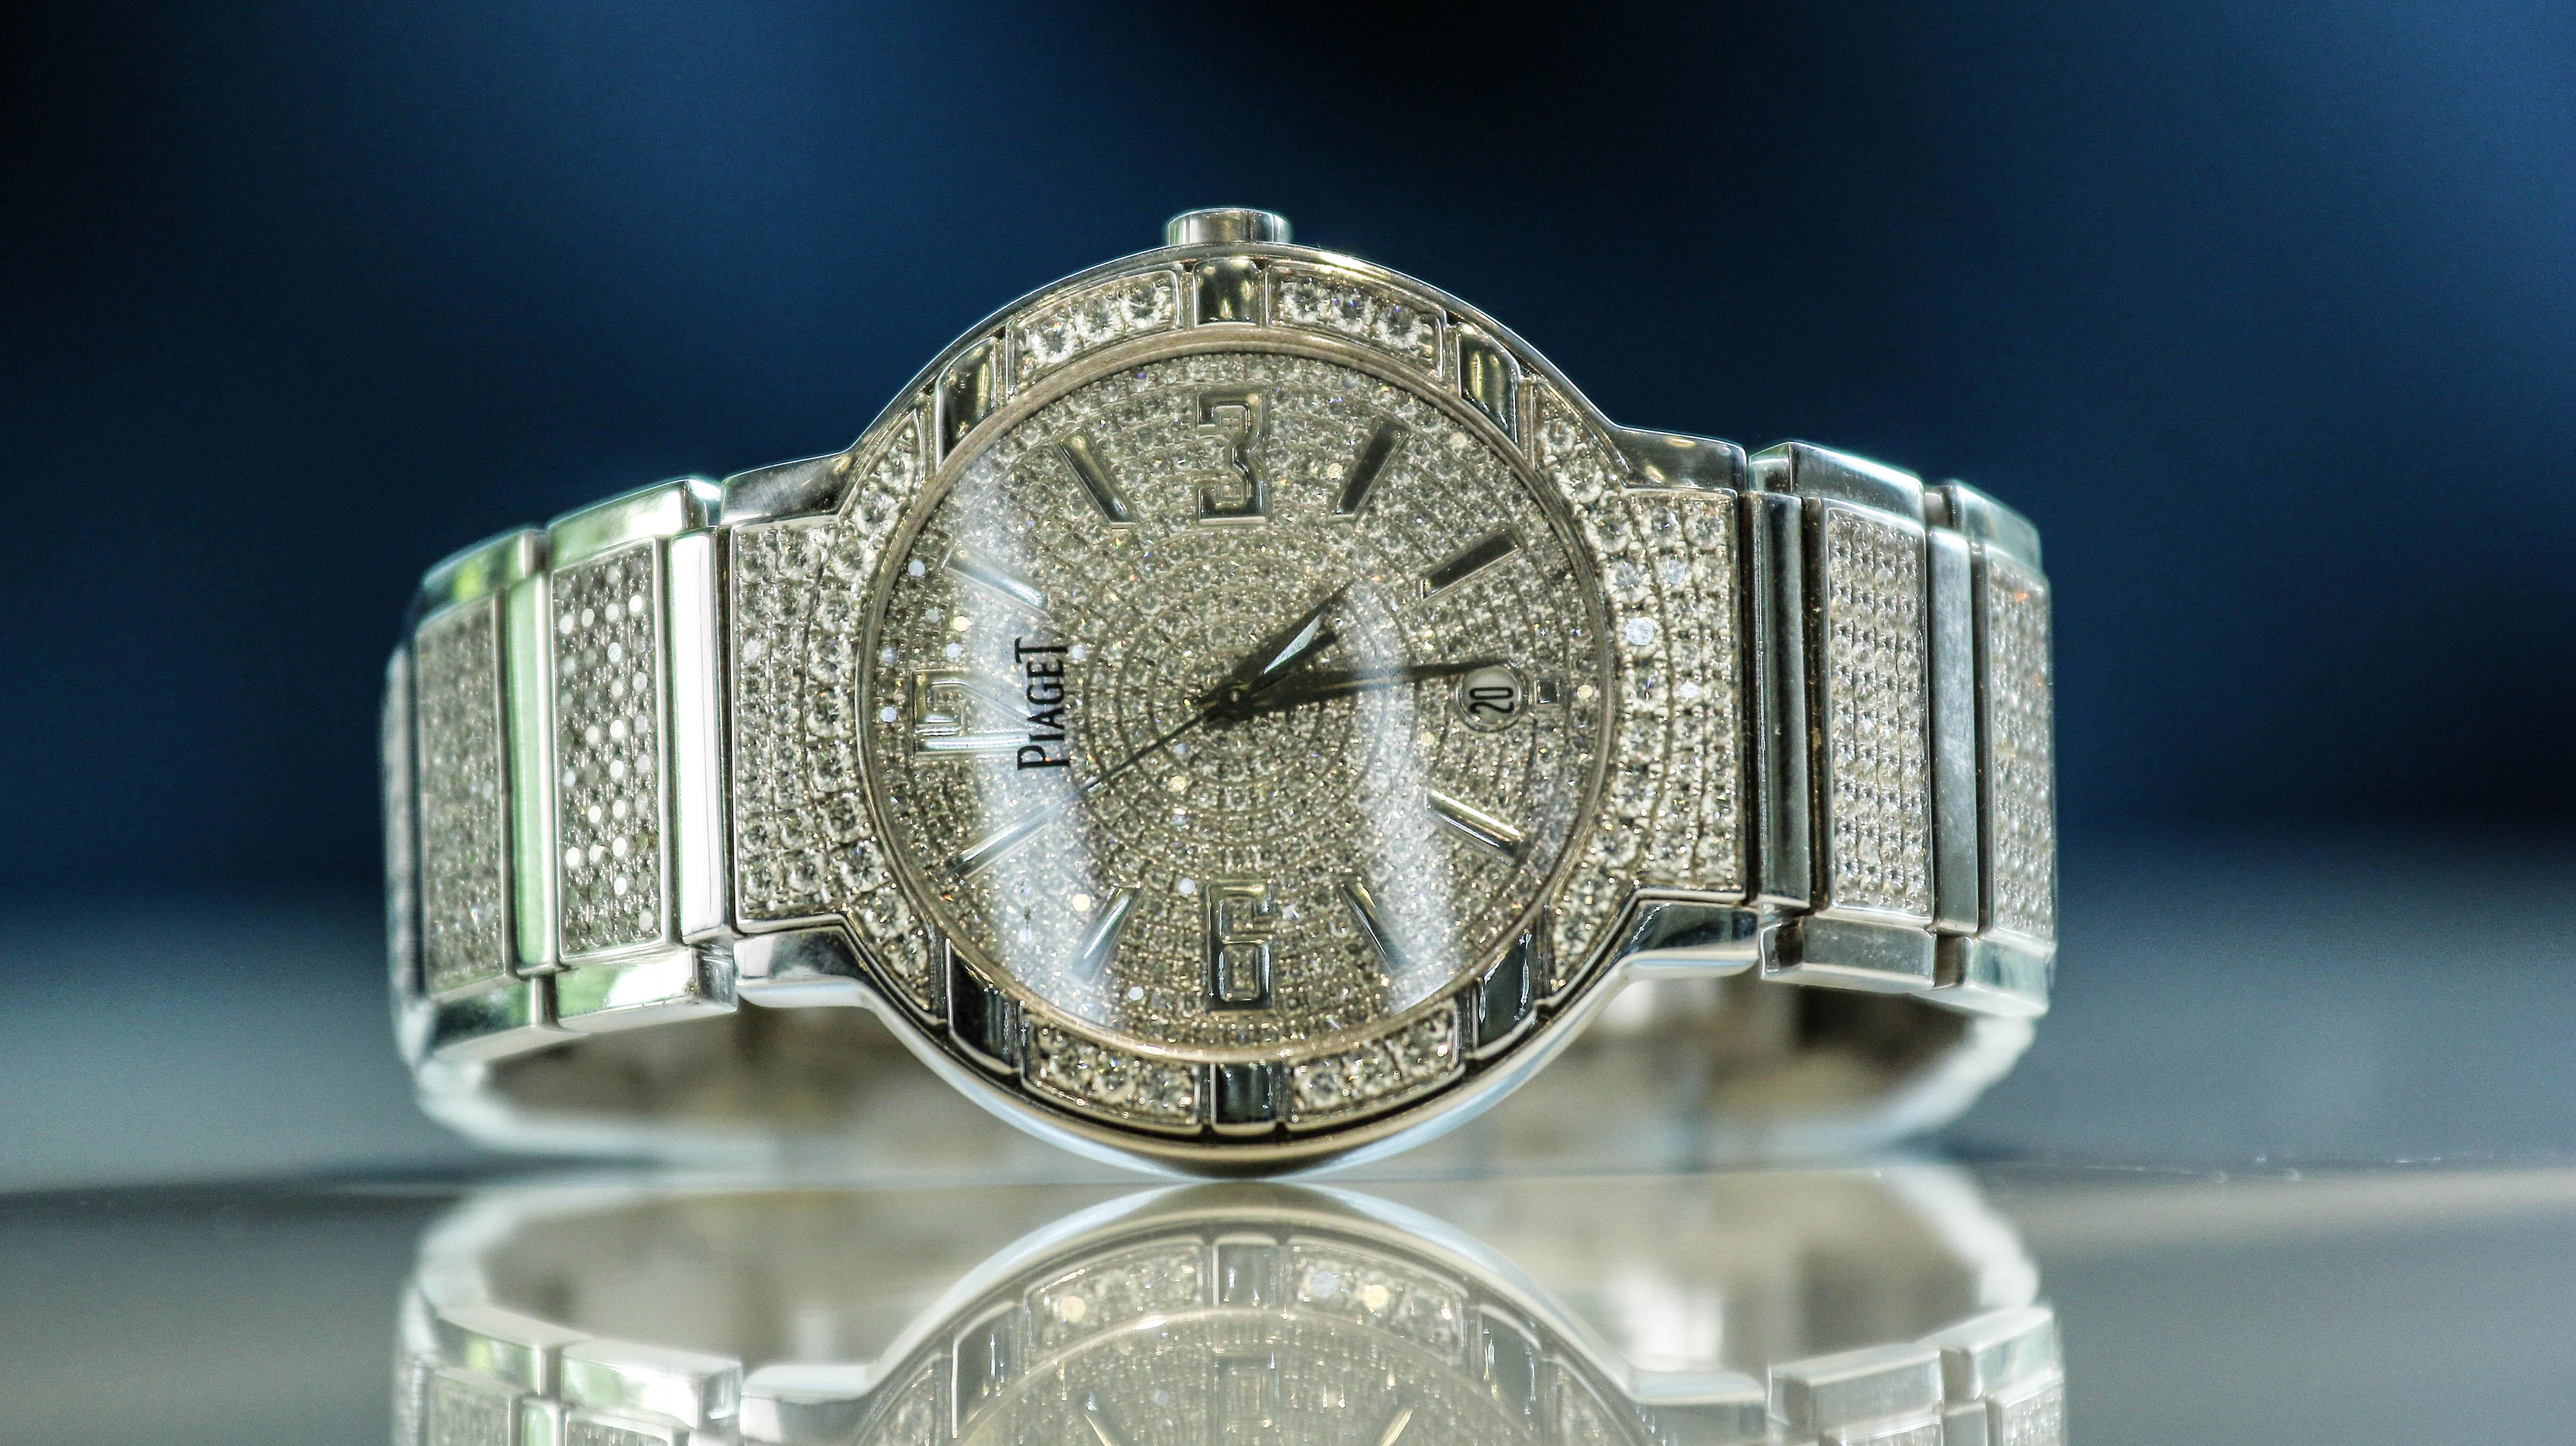 Đồng hồ Piaget của nước nào sản xuất? Lịch sử phát triển